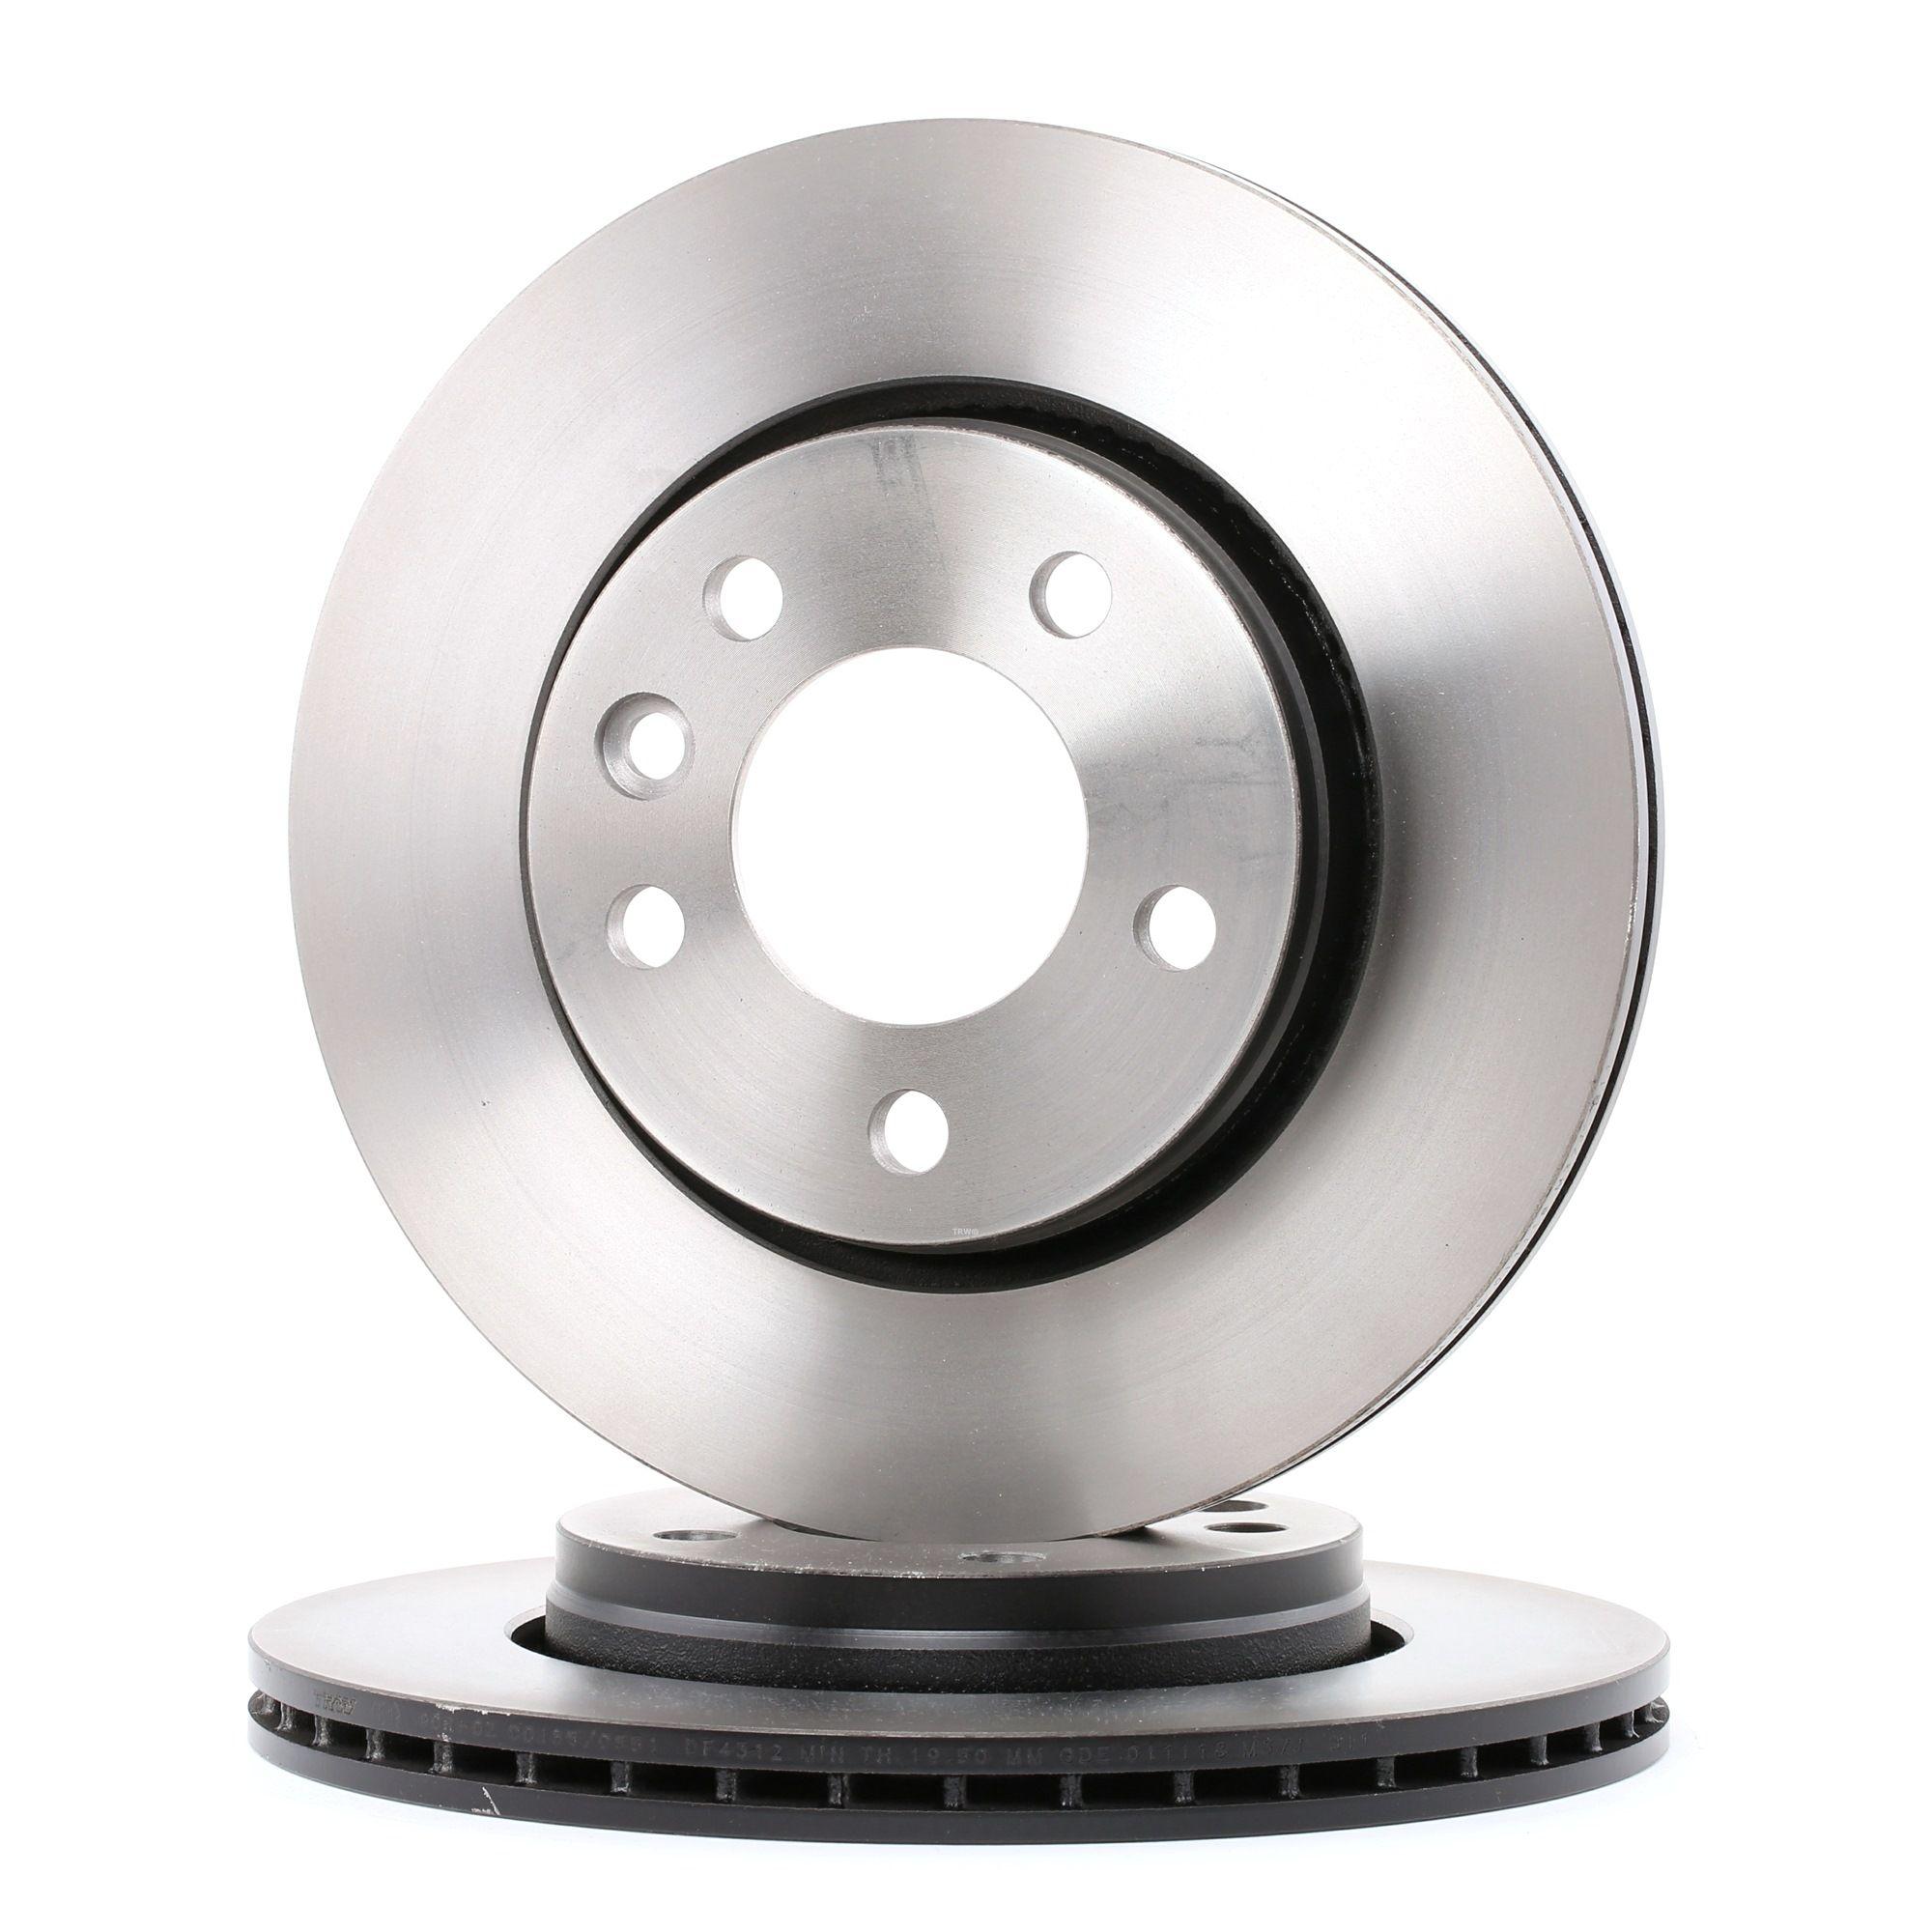 Achetez Disques de frein TRW DF4312 (Ø: 294mm, Nbre de trous: 5, Épaisseur du disque de frein: 22mm) à un rapport qualité-prix exceptionnel